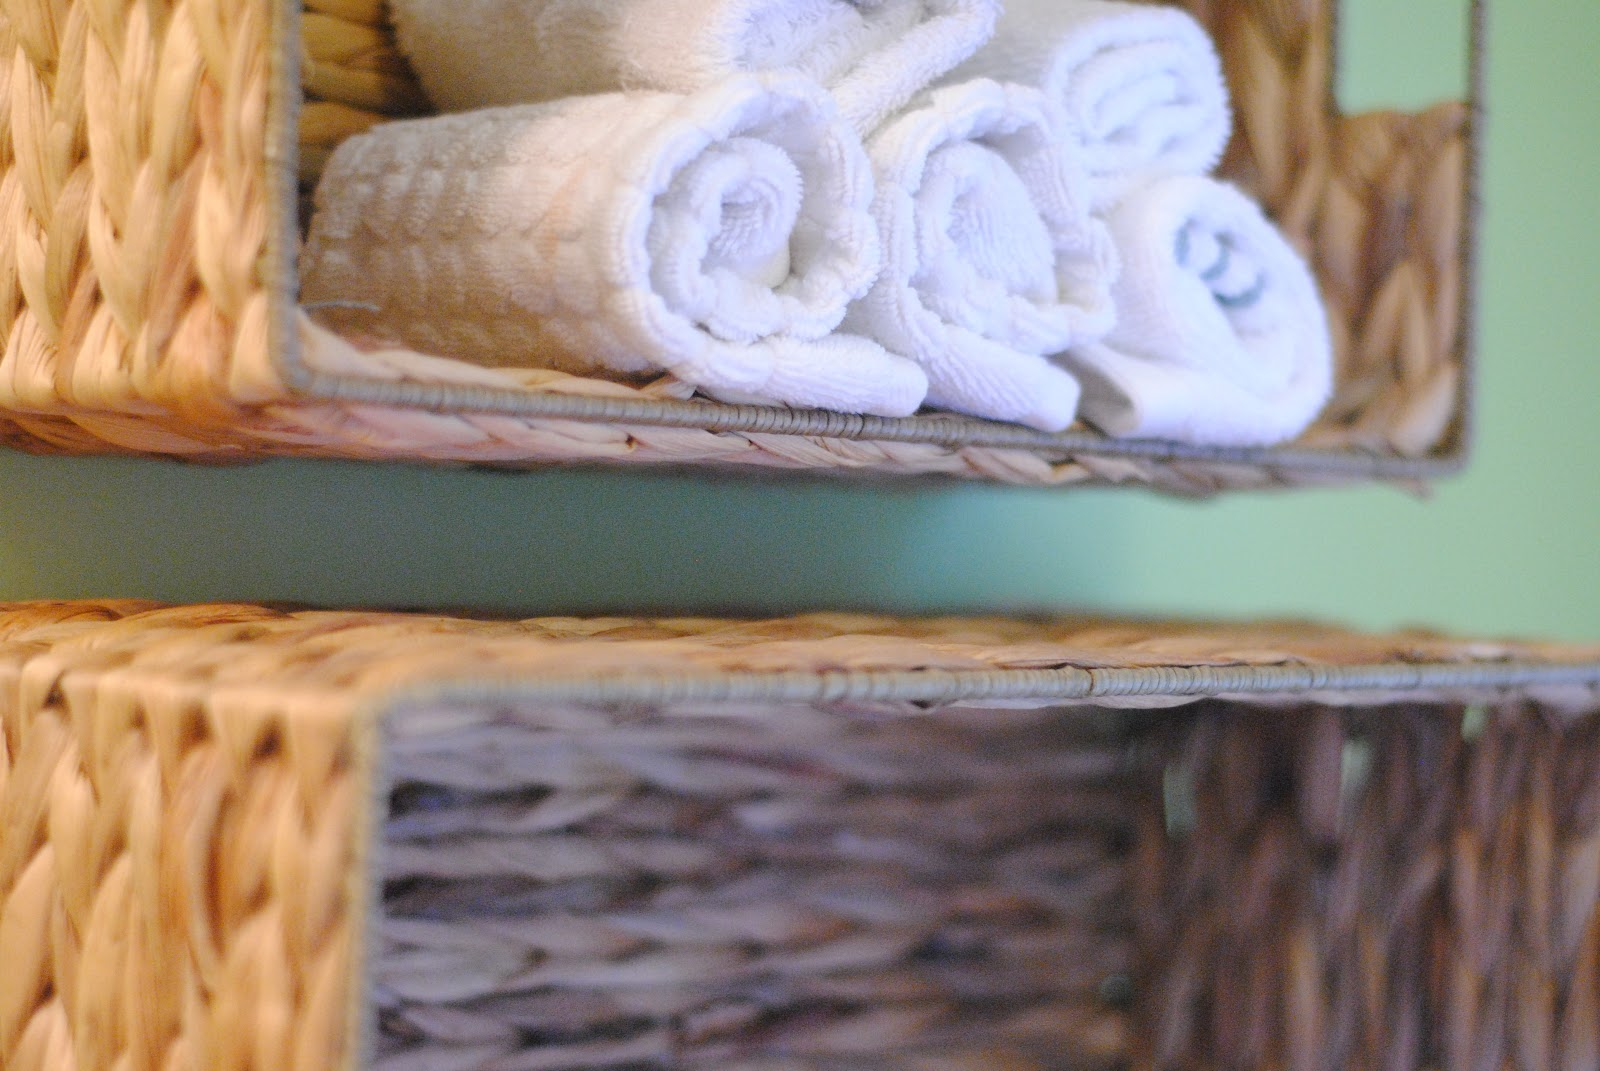 marvellous diy bathroom towel storage ideas   DIY Bathroom Towel Storage in Under 5 Minutes   Making ...